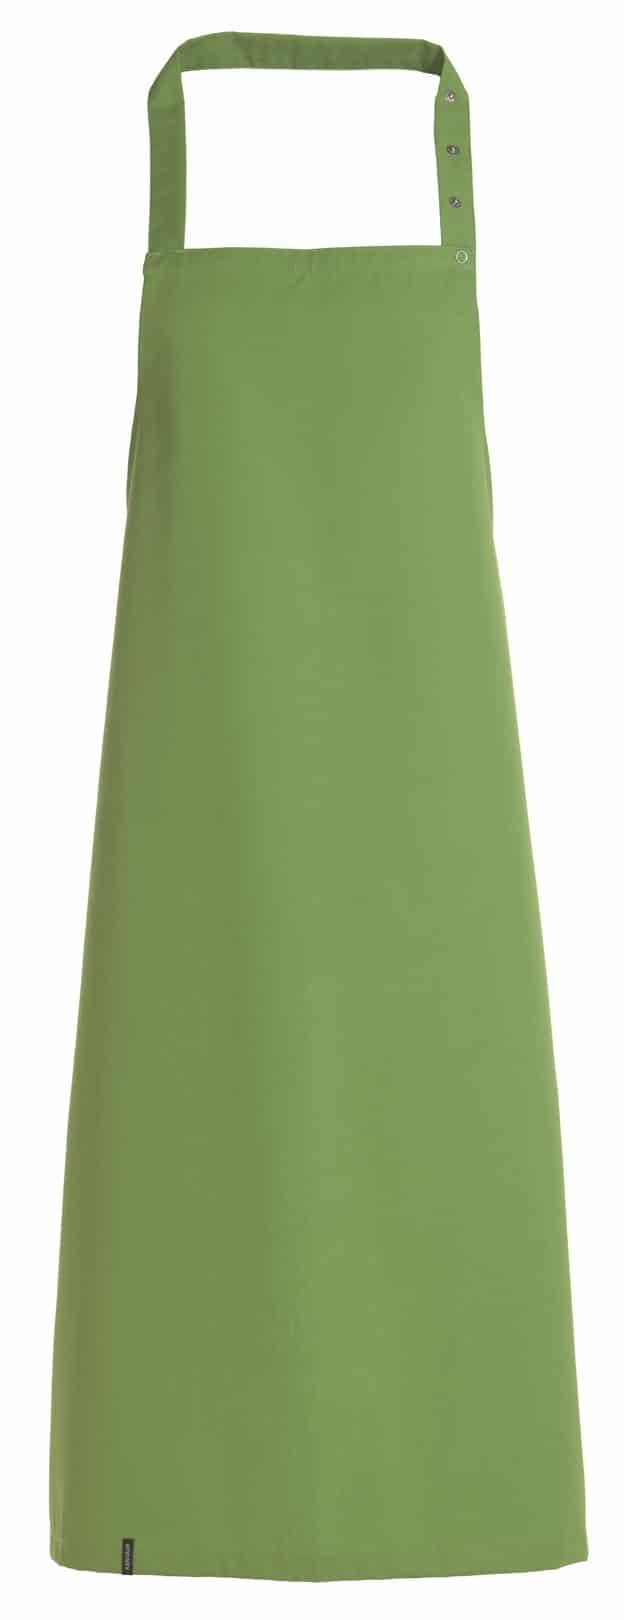 Tabliers de cuisine vert anis